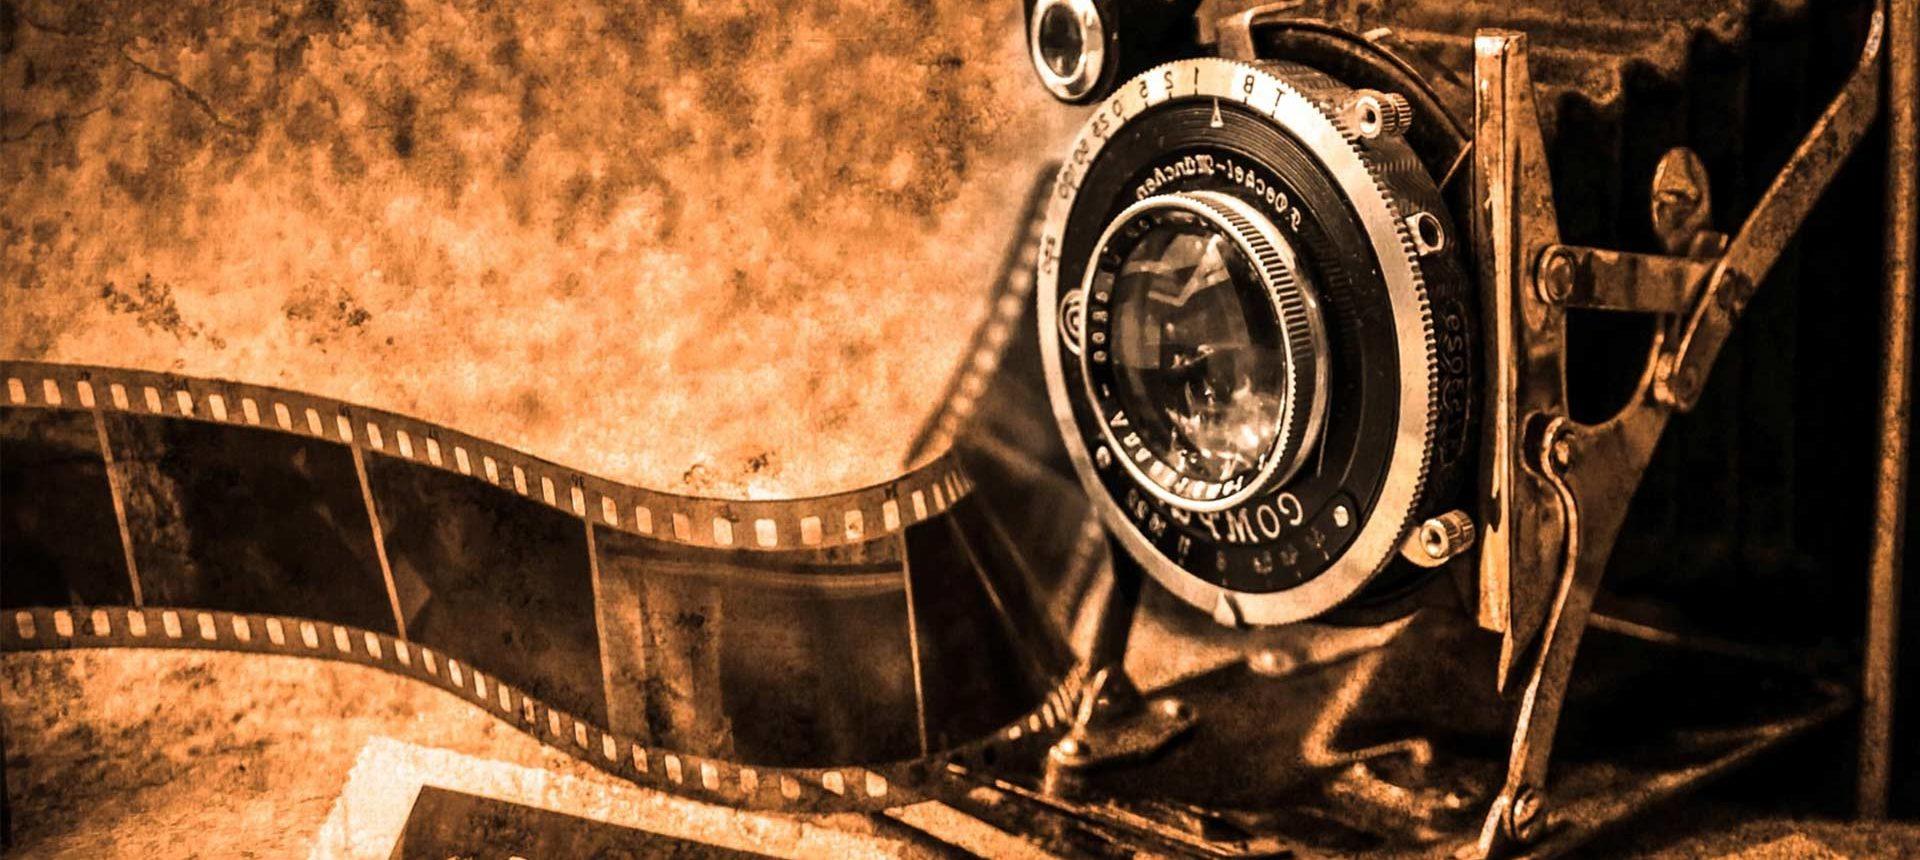 Imagefilm Agentur BLACKTENT